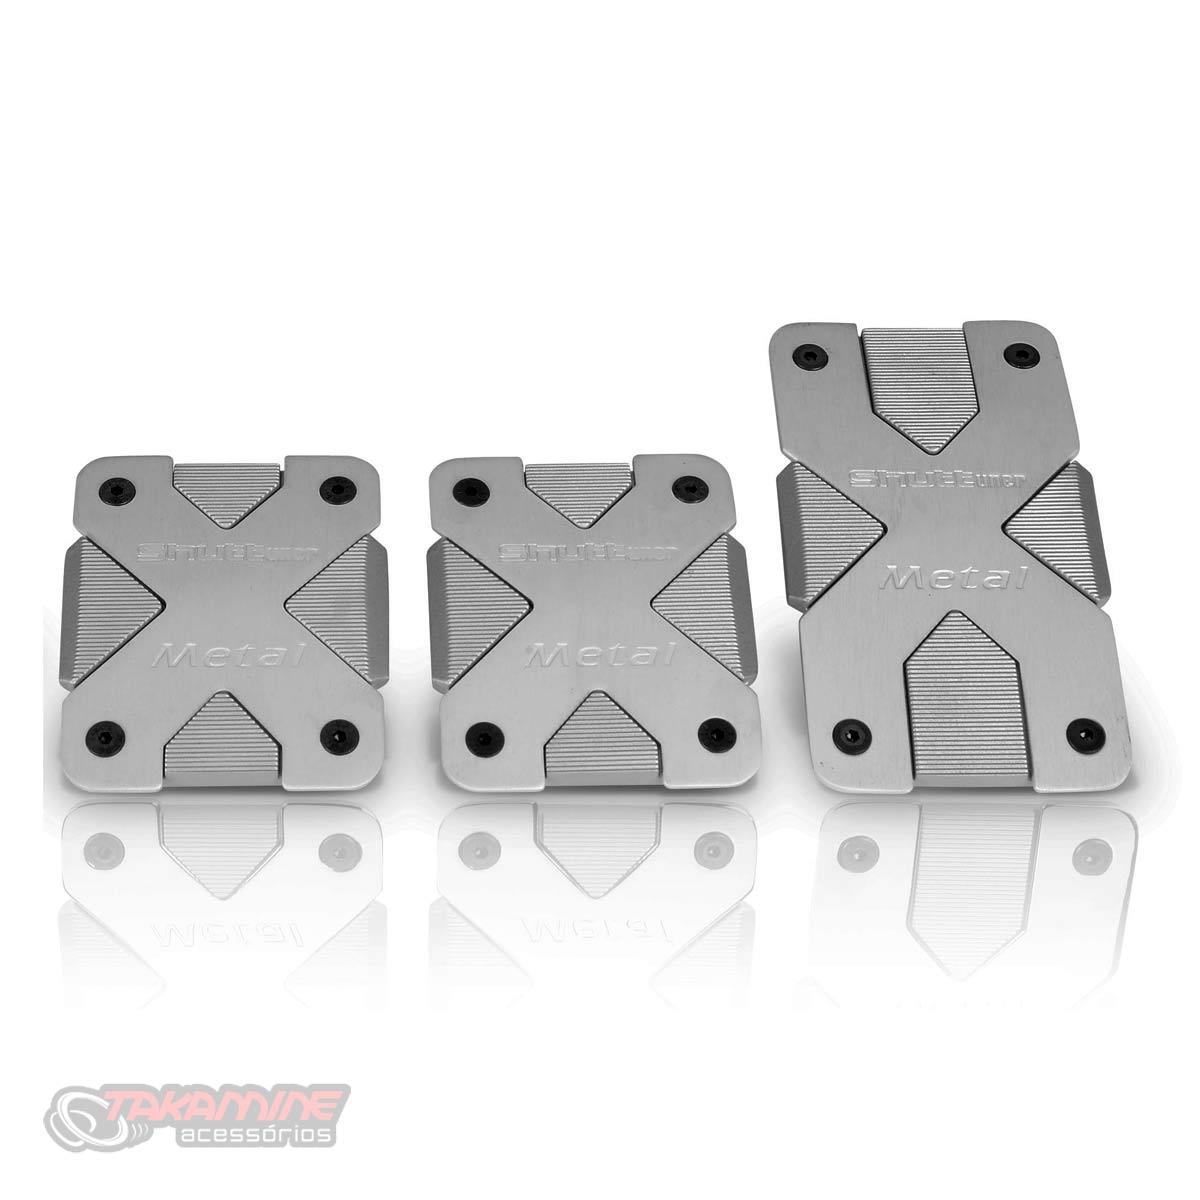 Pedaleira esportiva Shutt Metal X com estojo metálico